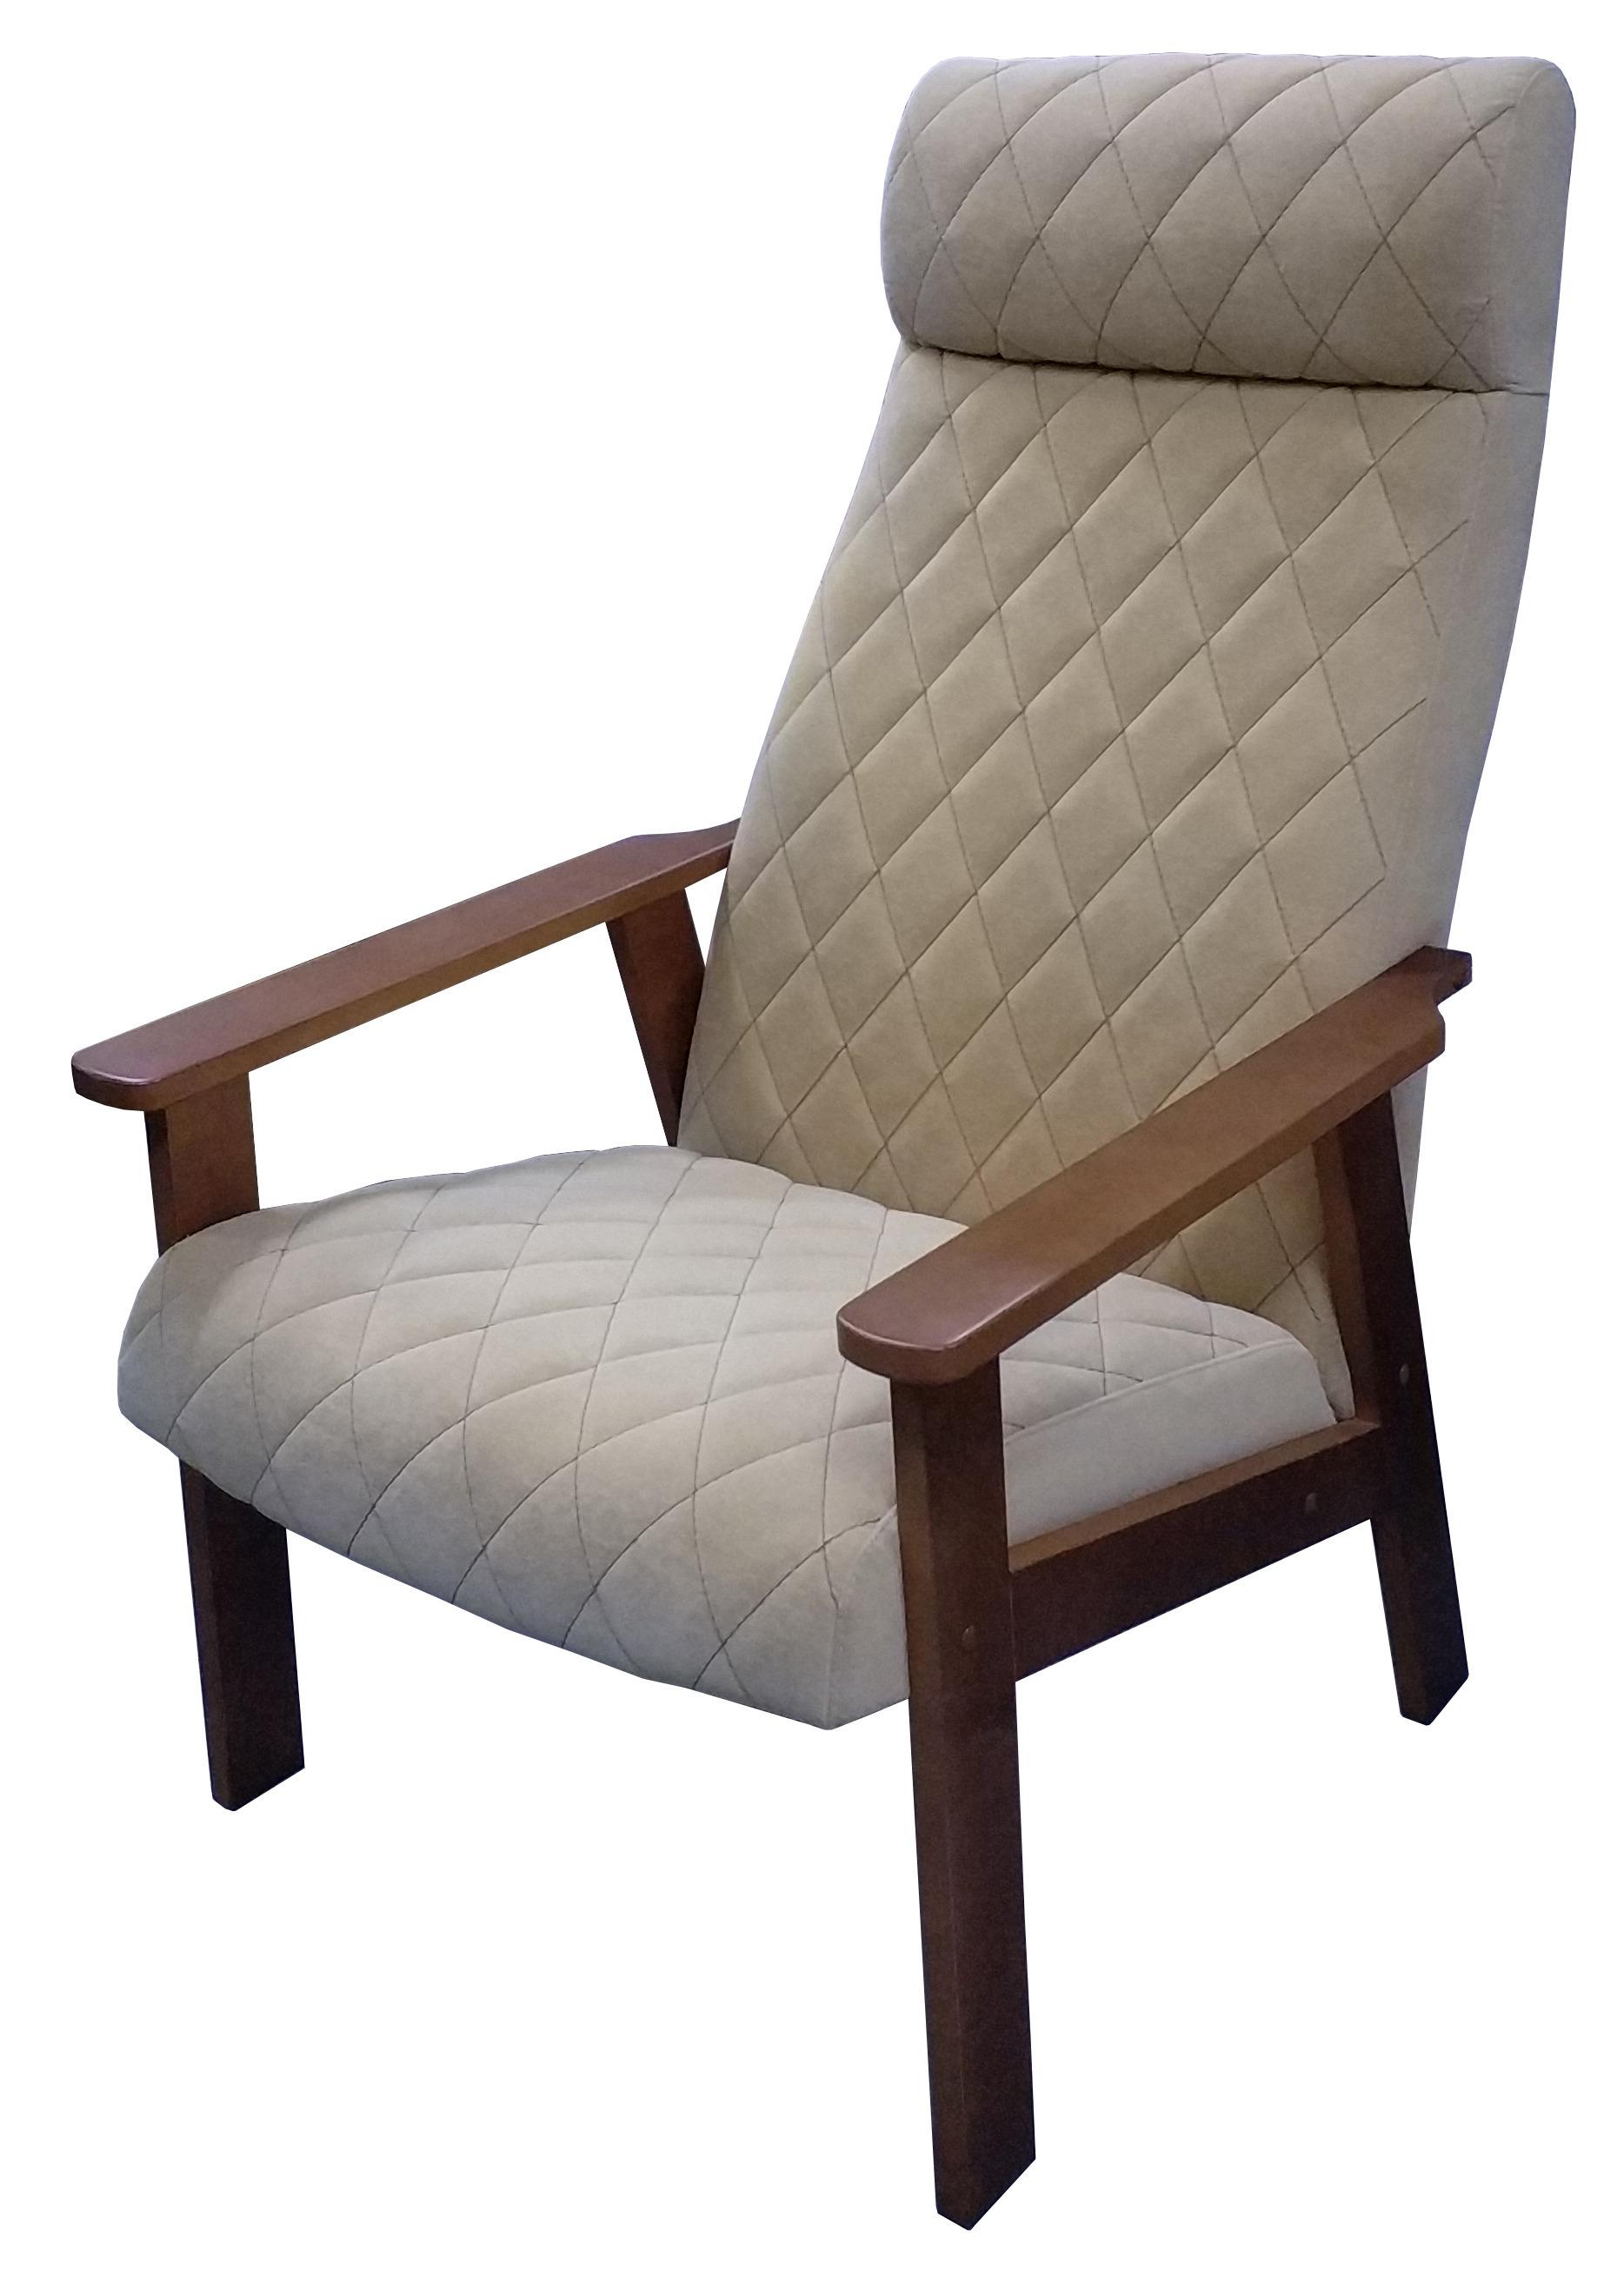 мягкие кресла Кресло для отдыха Вилора с прострочкой, Орех, Bolero silk bone